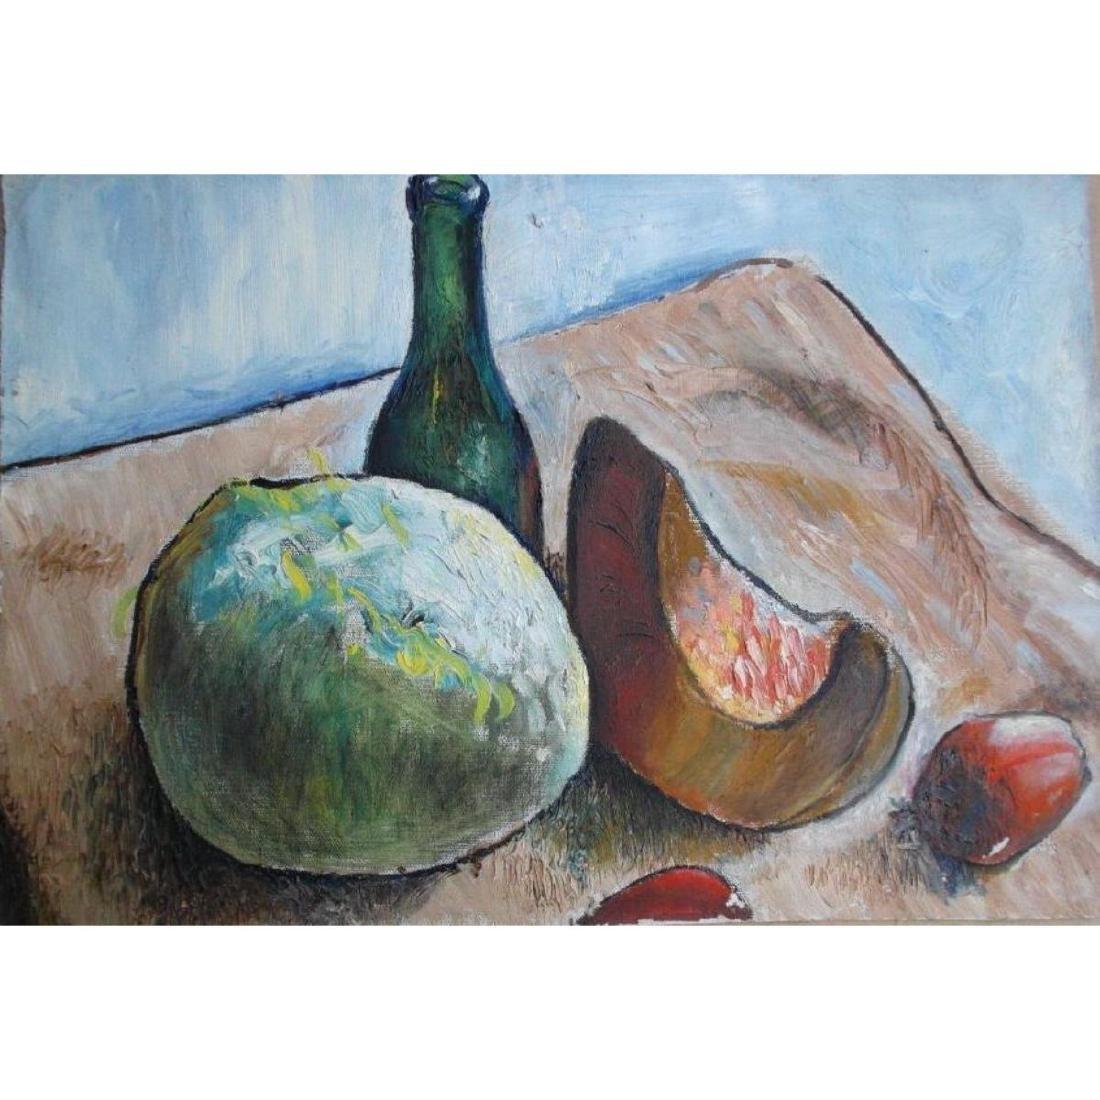 Russian School, Oil Painting, Still Life